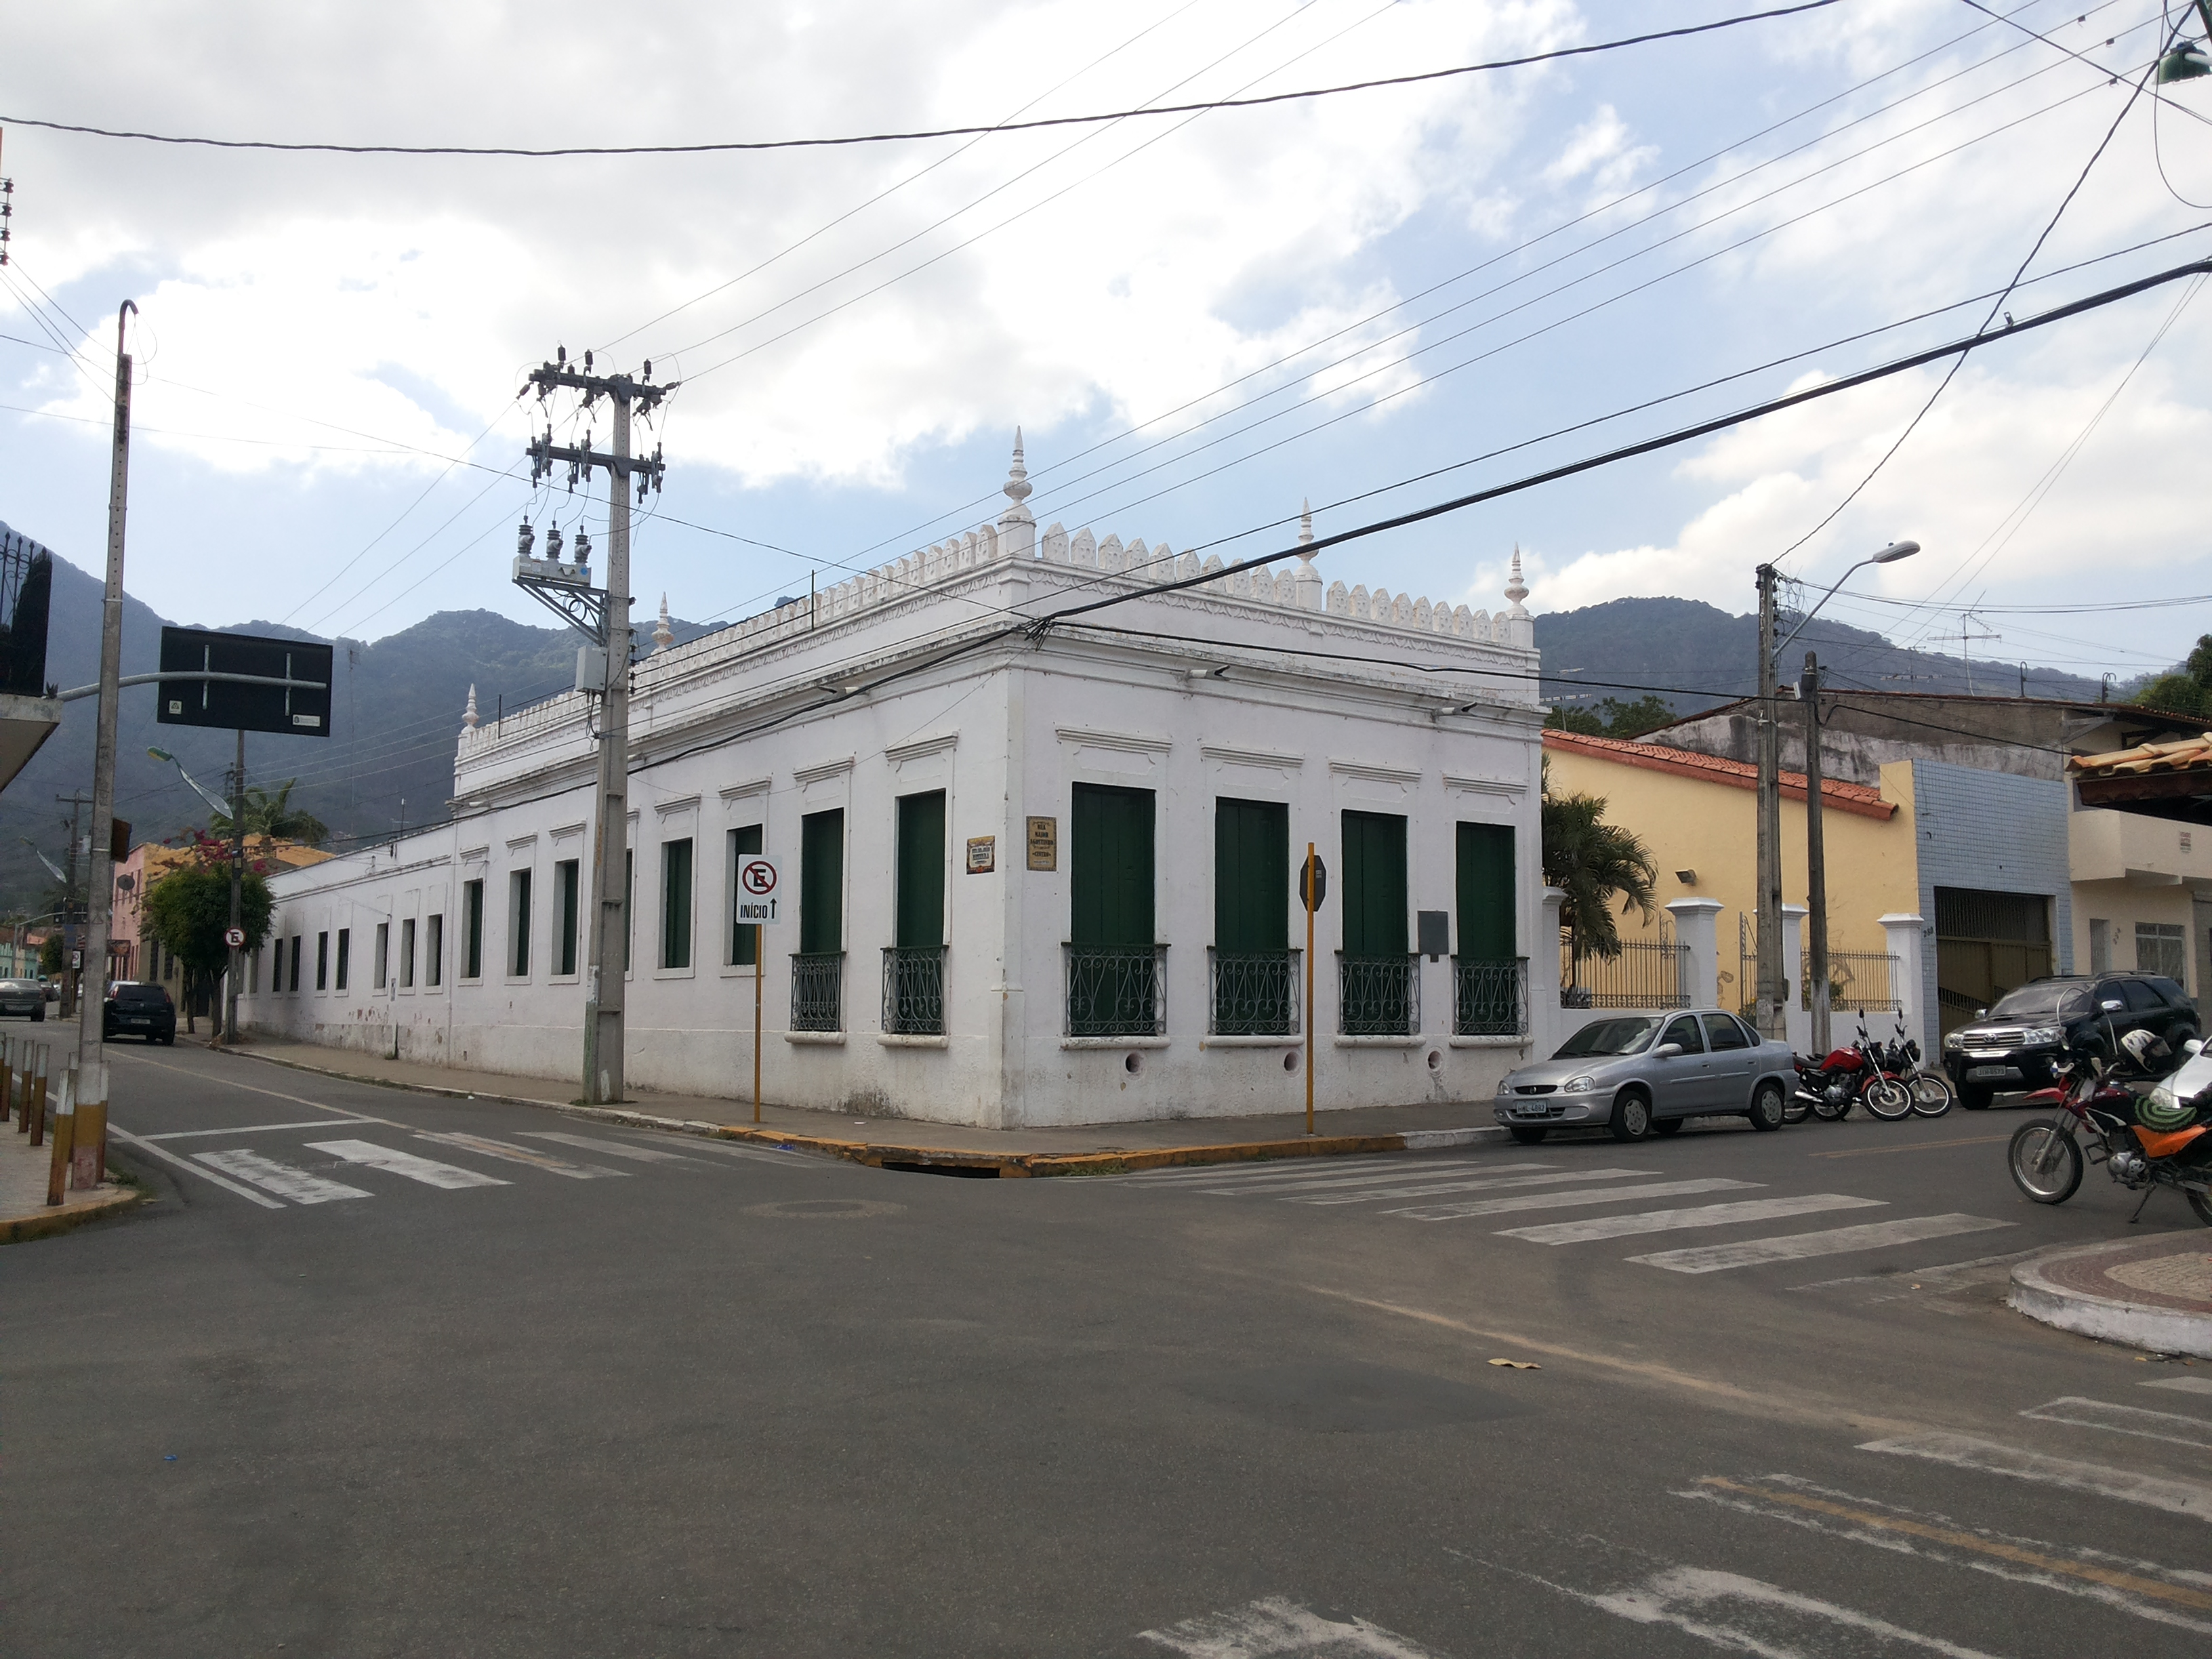 Casa de Cultura Capistrano de Abreu. Foto Dadynha Saturnino